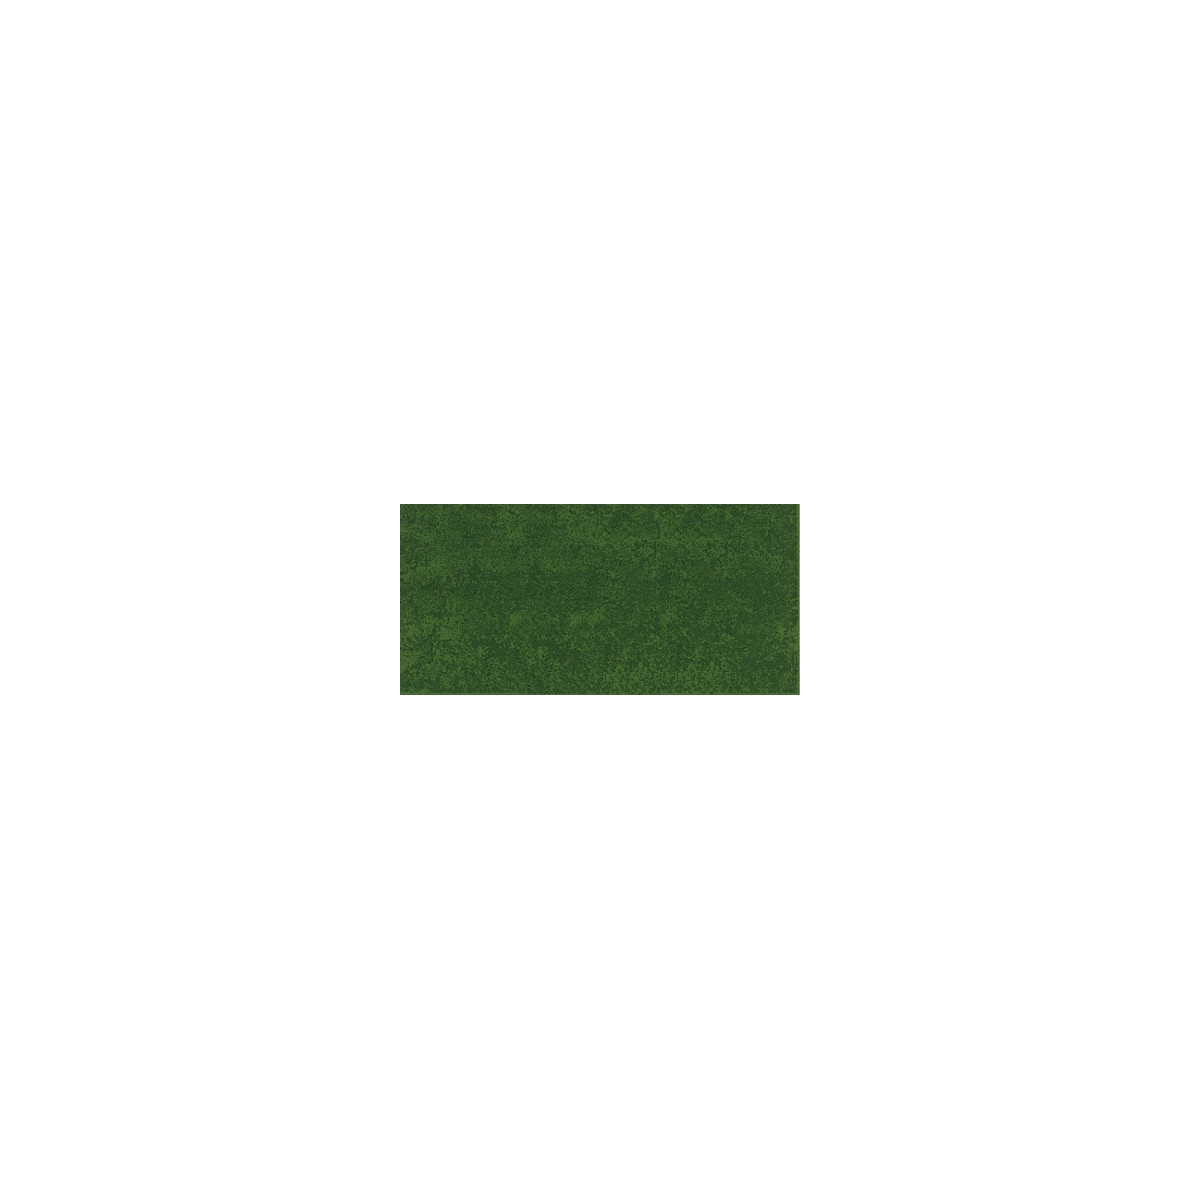 Pavimentos y Revestimientos - Serie Altea Verde de la marca Mainzu